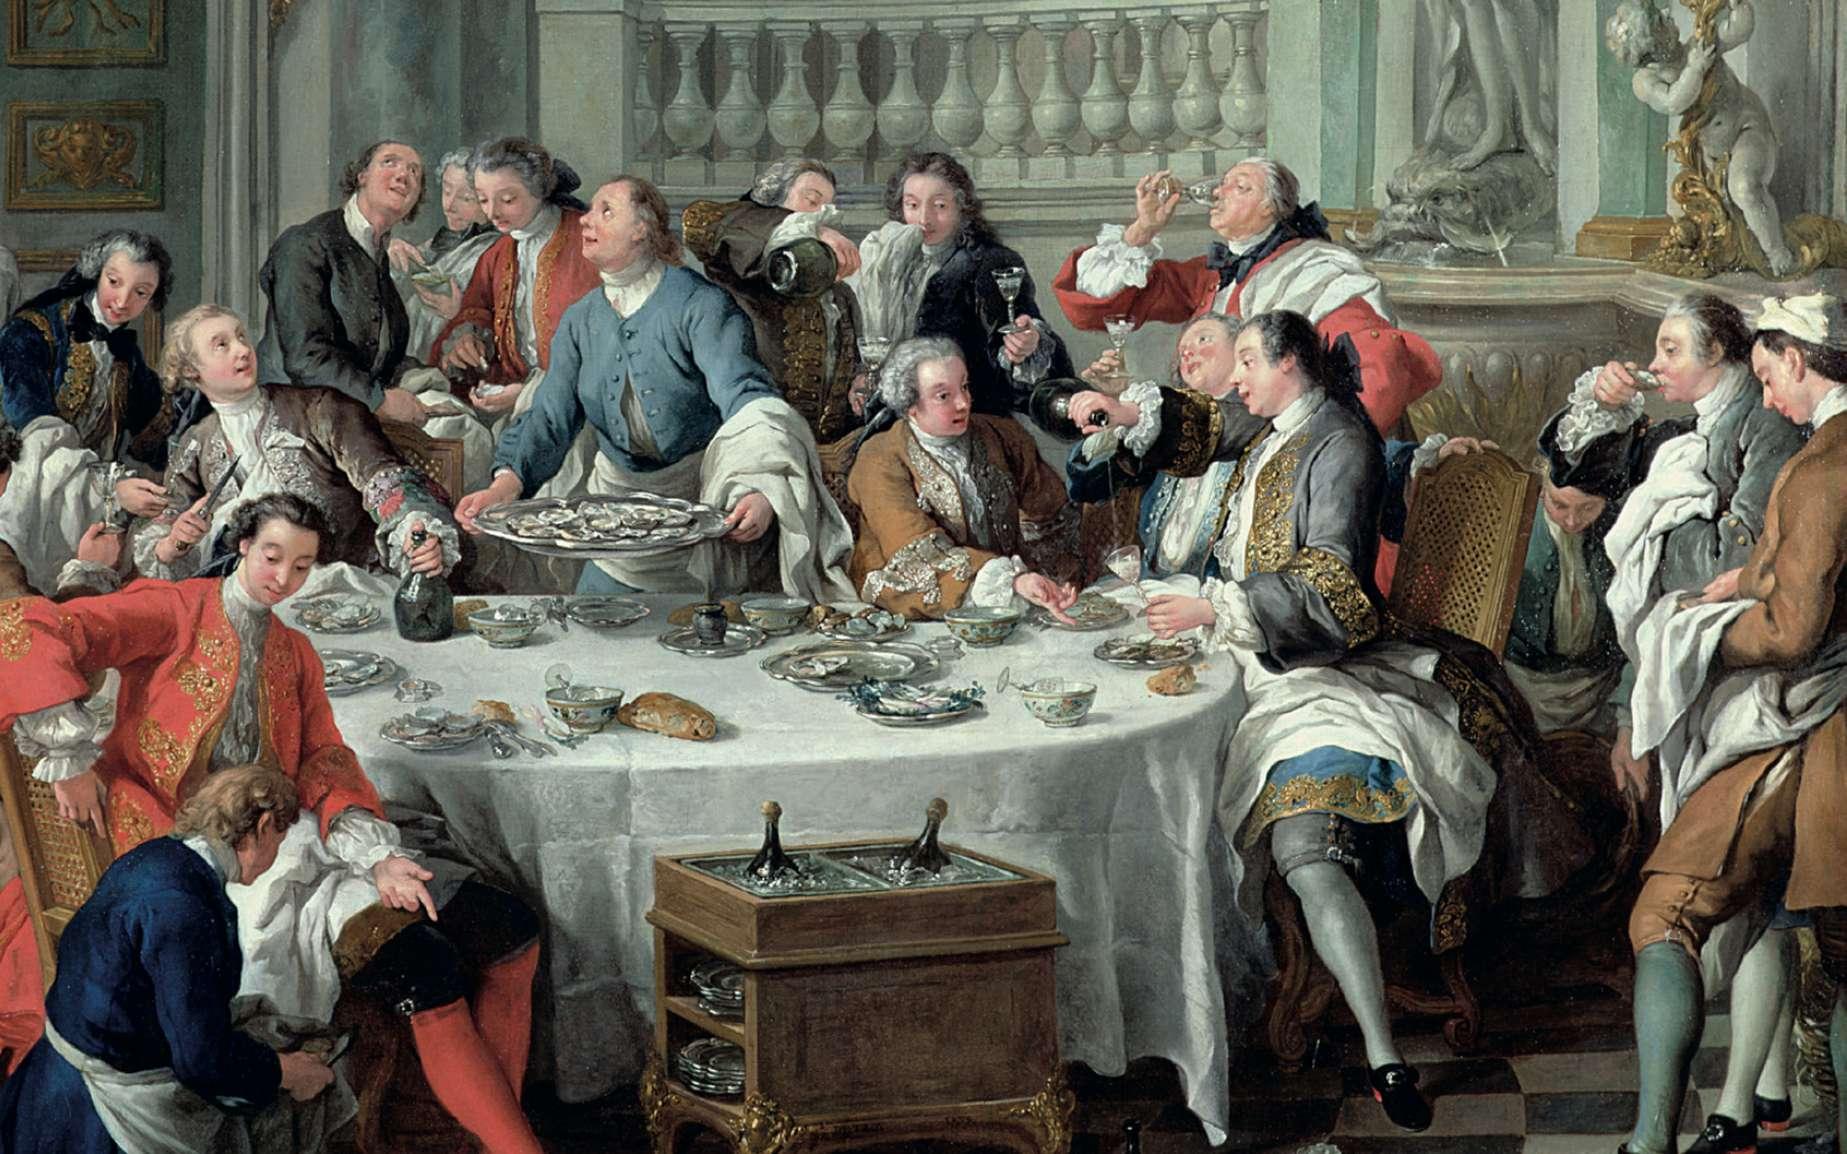 « Le déjeuner d'huîtres » par Jean-François de Troy en 1735. Musée Condé, Chantilly. © RMN-Grand Palais (domaine de Chantilly), René-Gabriel Ojéda.